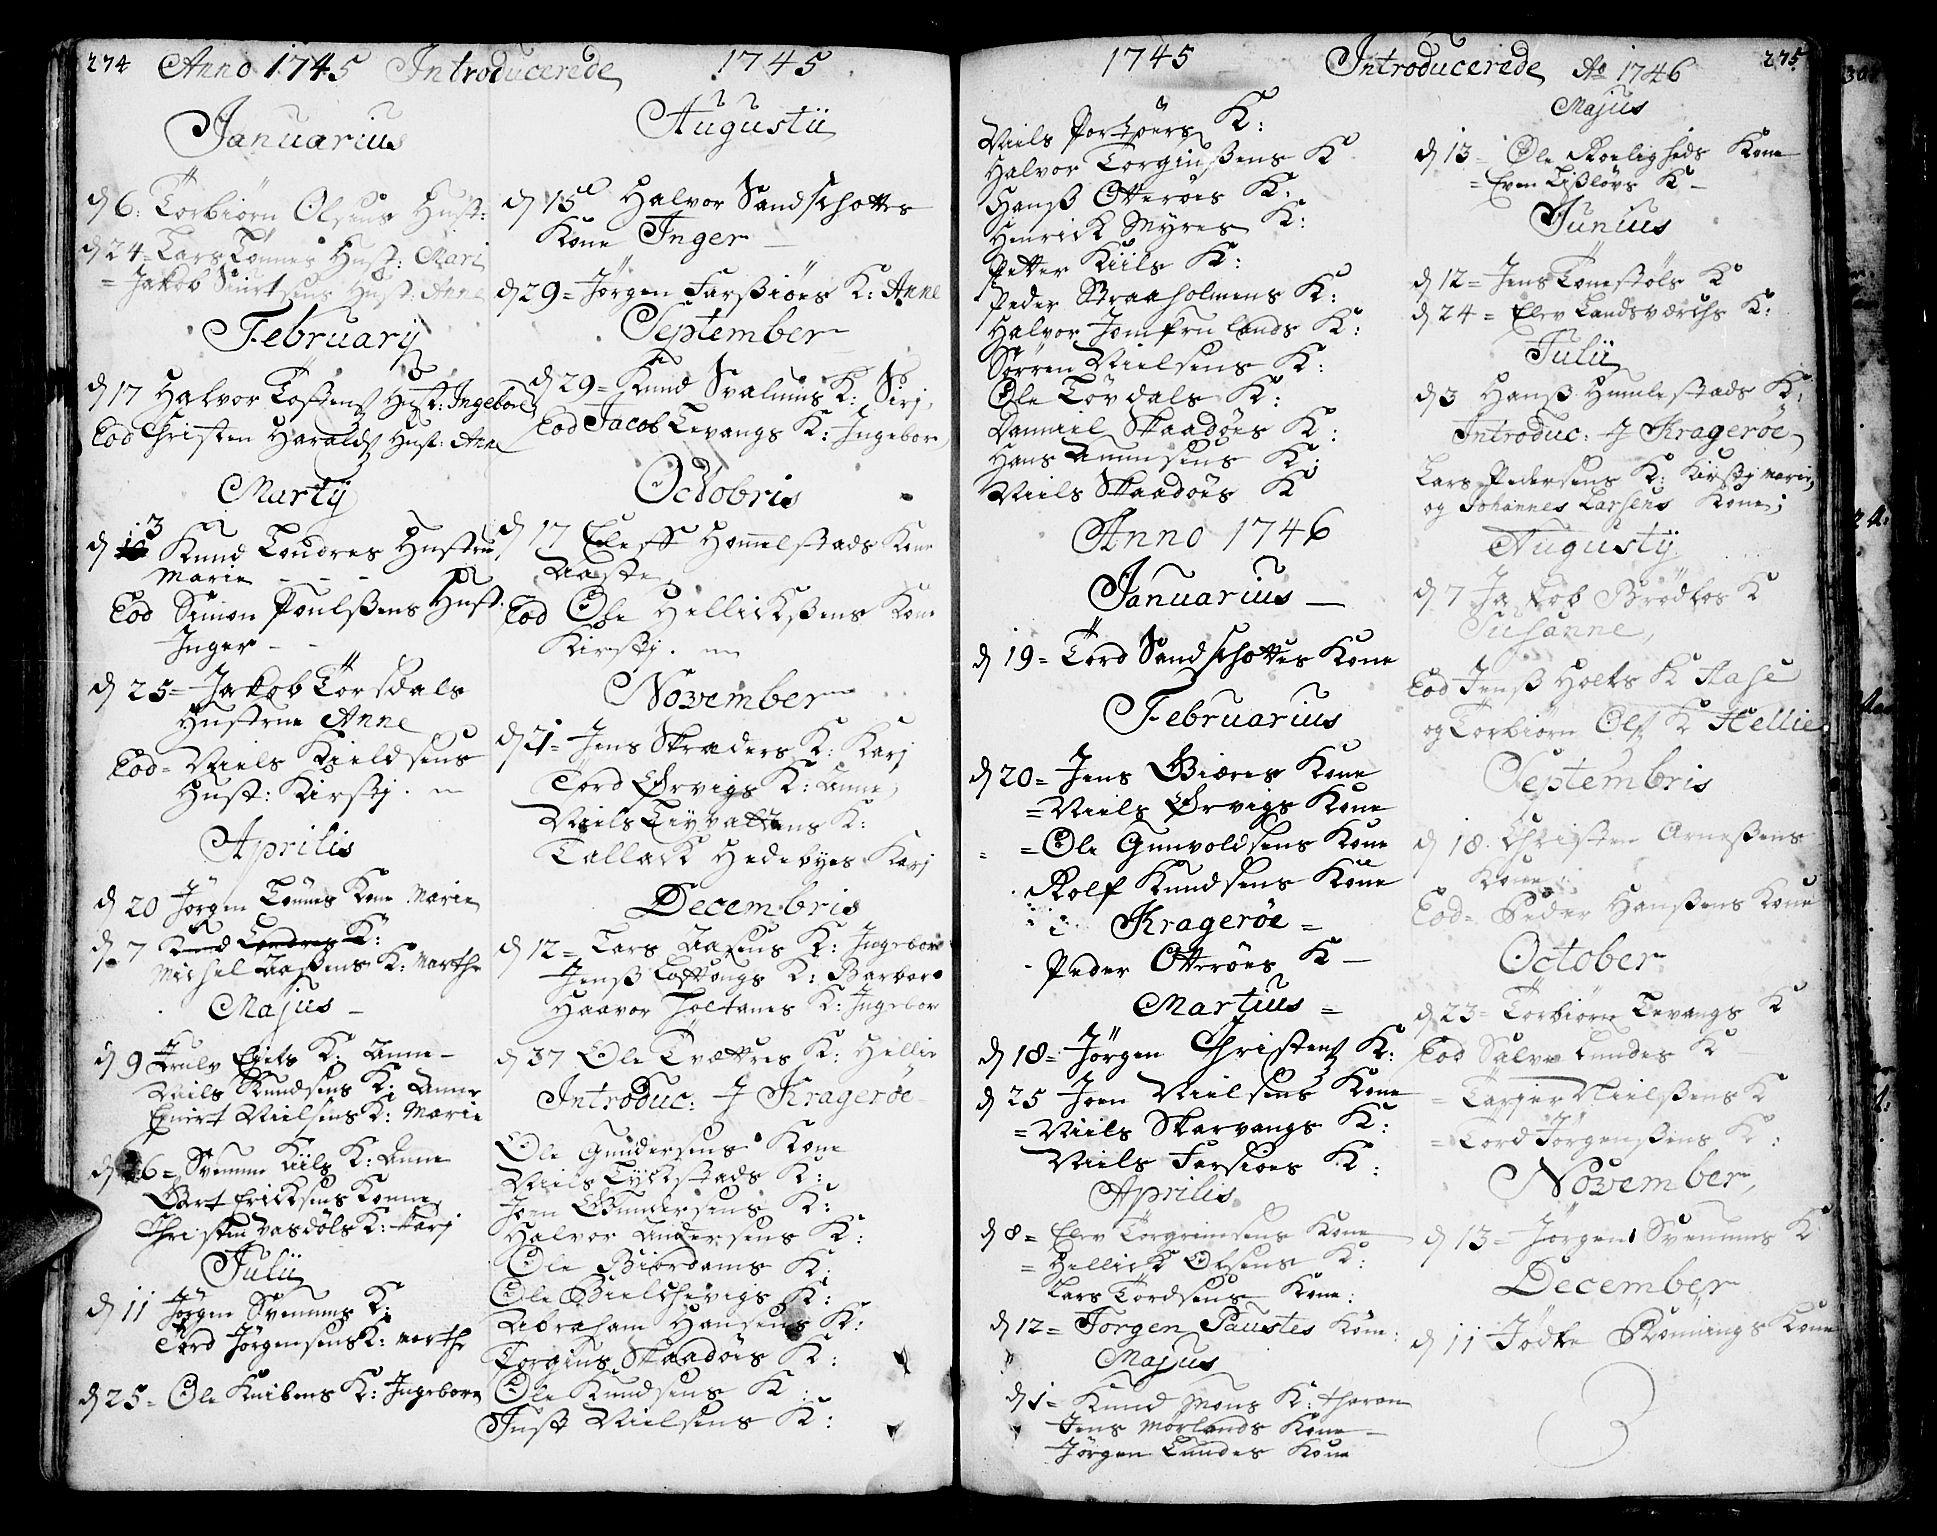 SAKO, Sannidal kirkebøker, F/Fa/L0001: Ministerialbok nr. 1, 1702-1766, s. 274-275